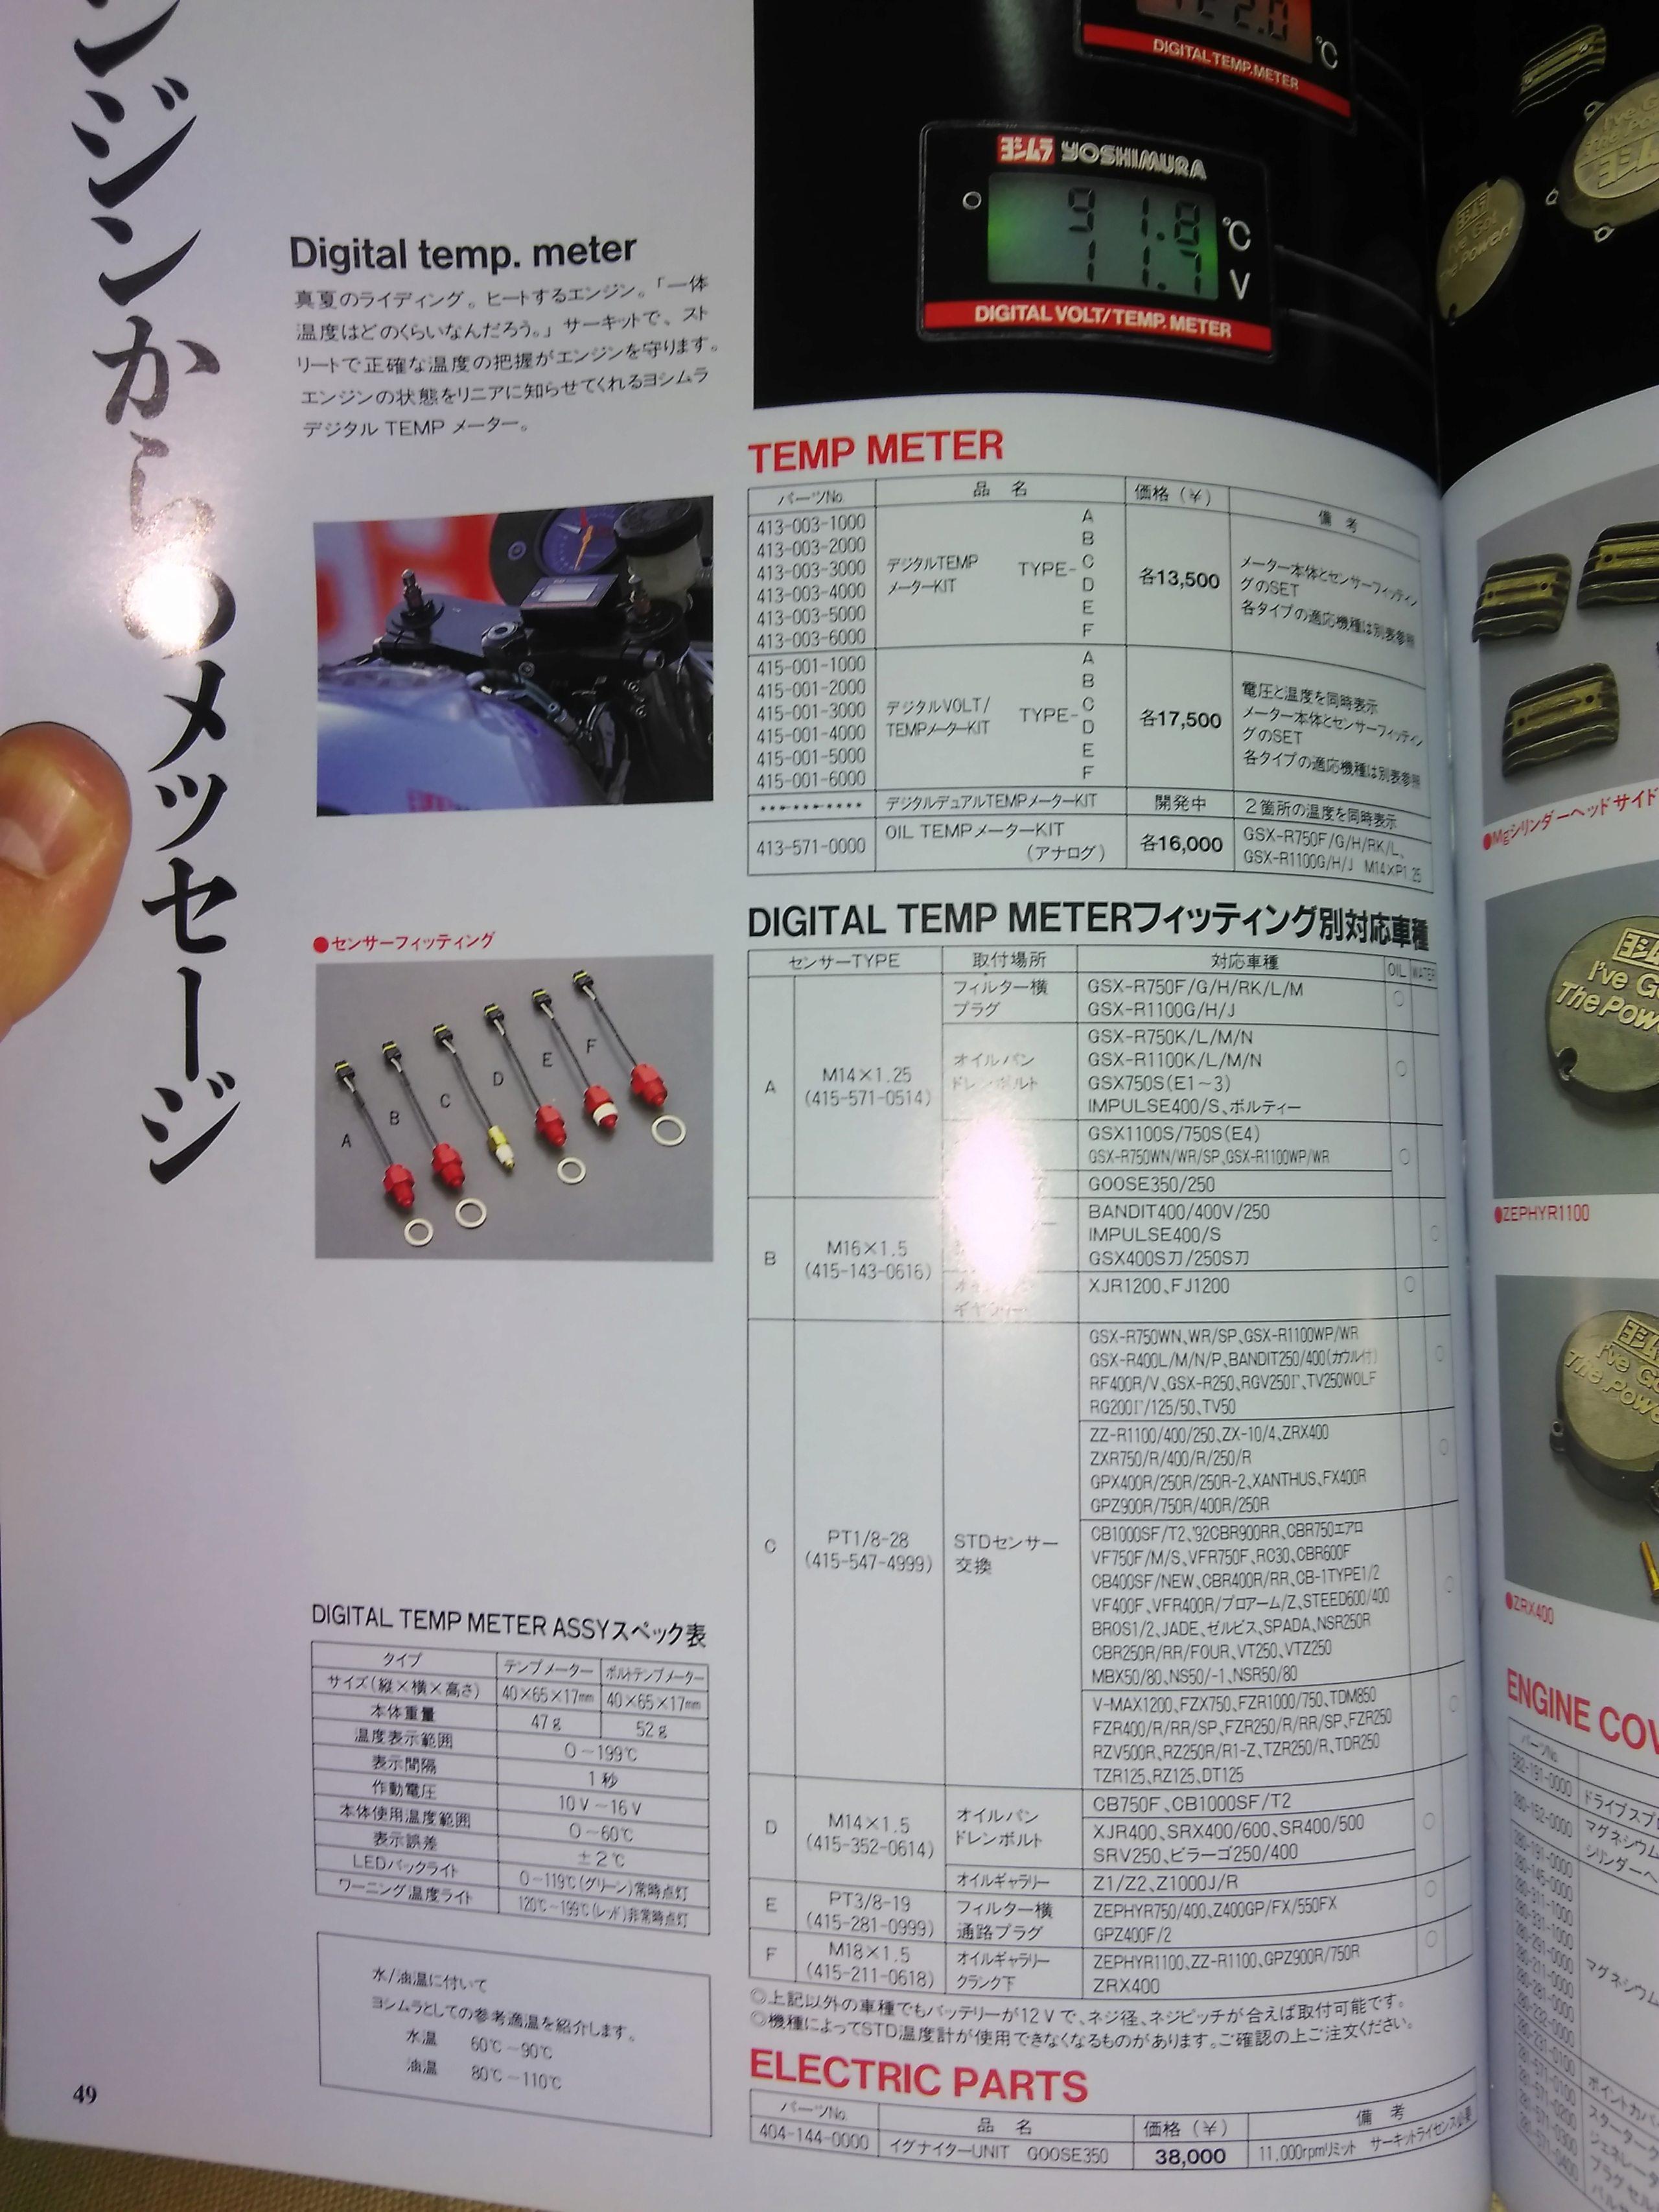 ATENCION, porno duro: Catalogo de chuches Yoshimura 93-95 Img_2021